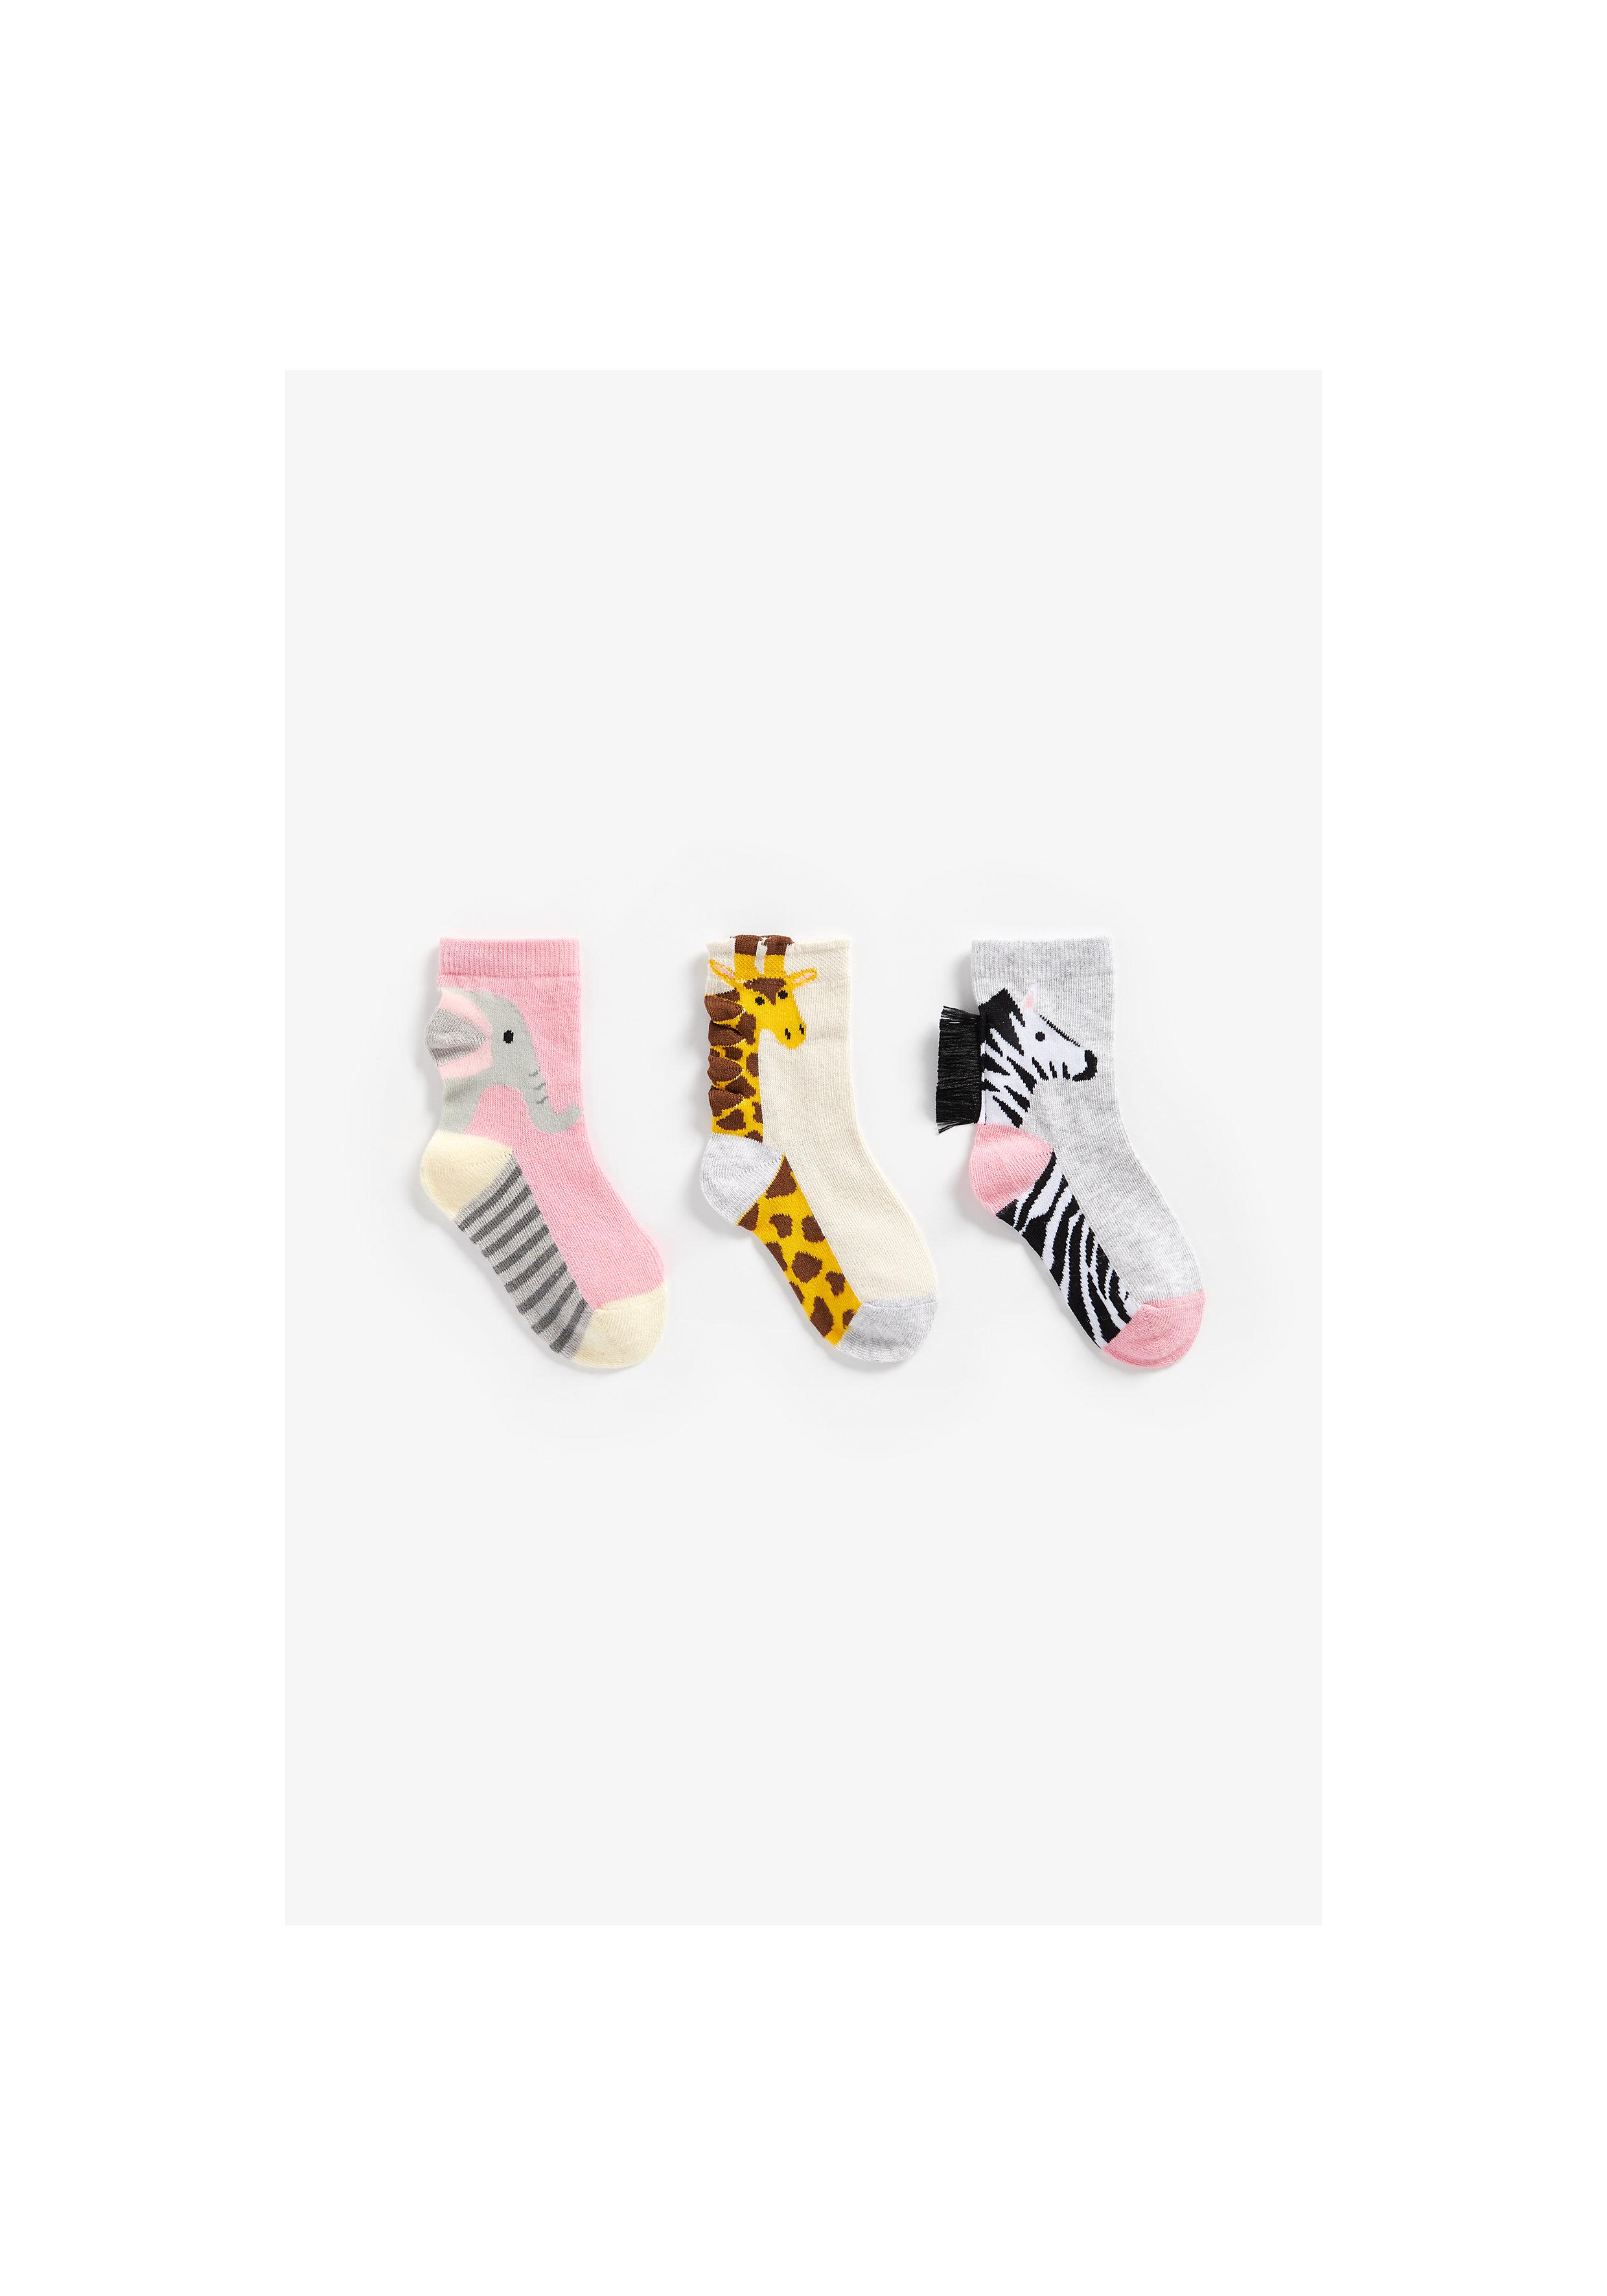 Mothercare | Girls Socks Elephant, Zebra And Giraffe Design - Pack Of 3 - Multicolor